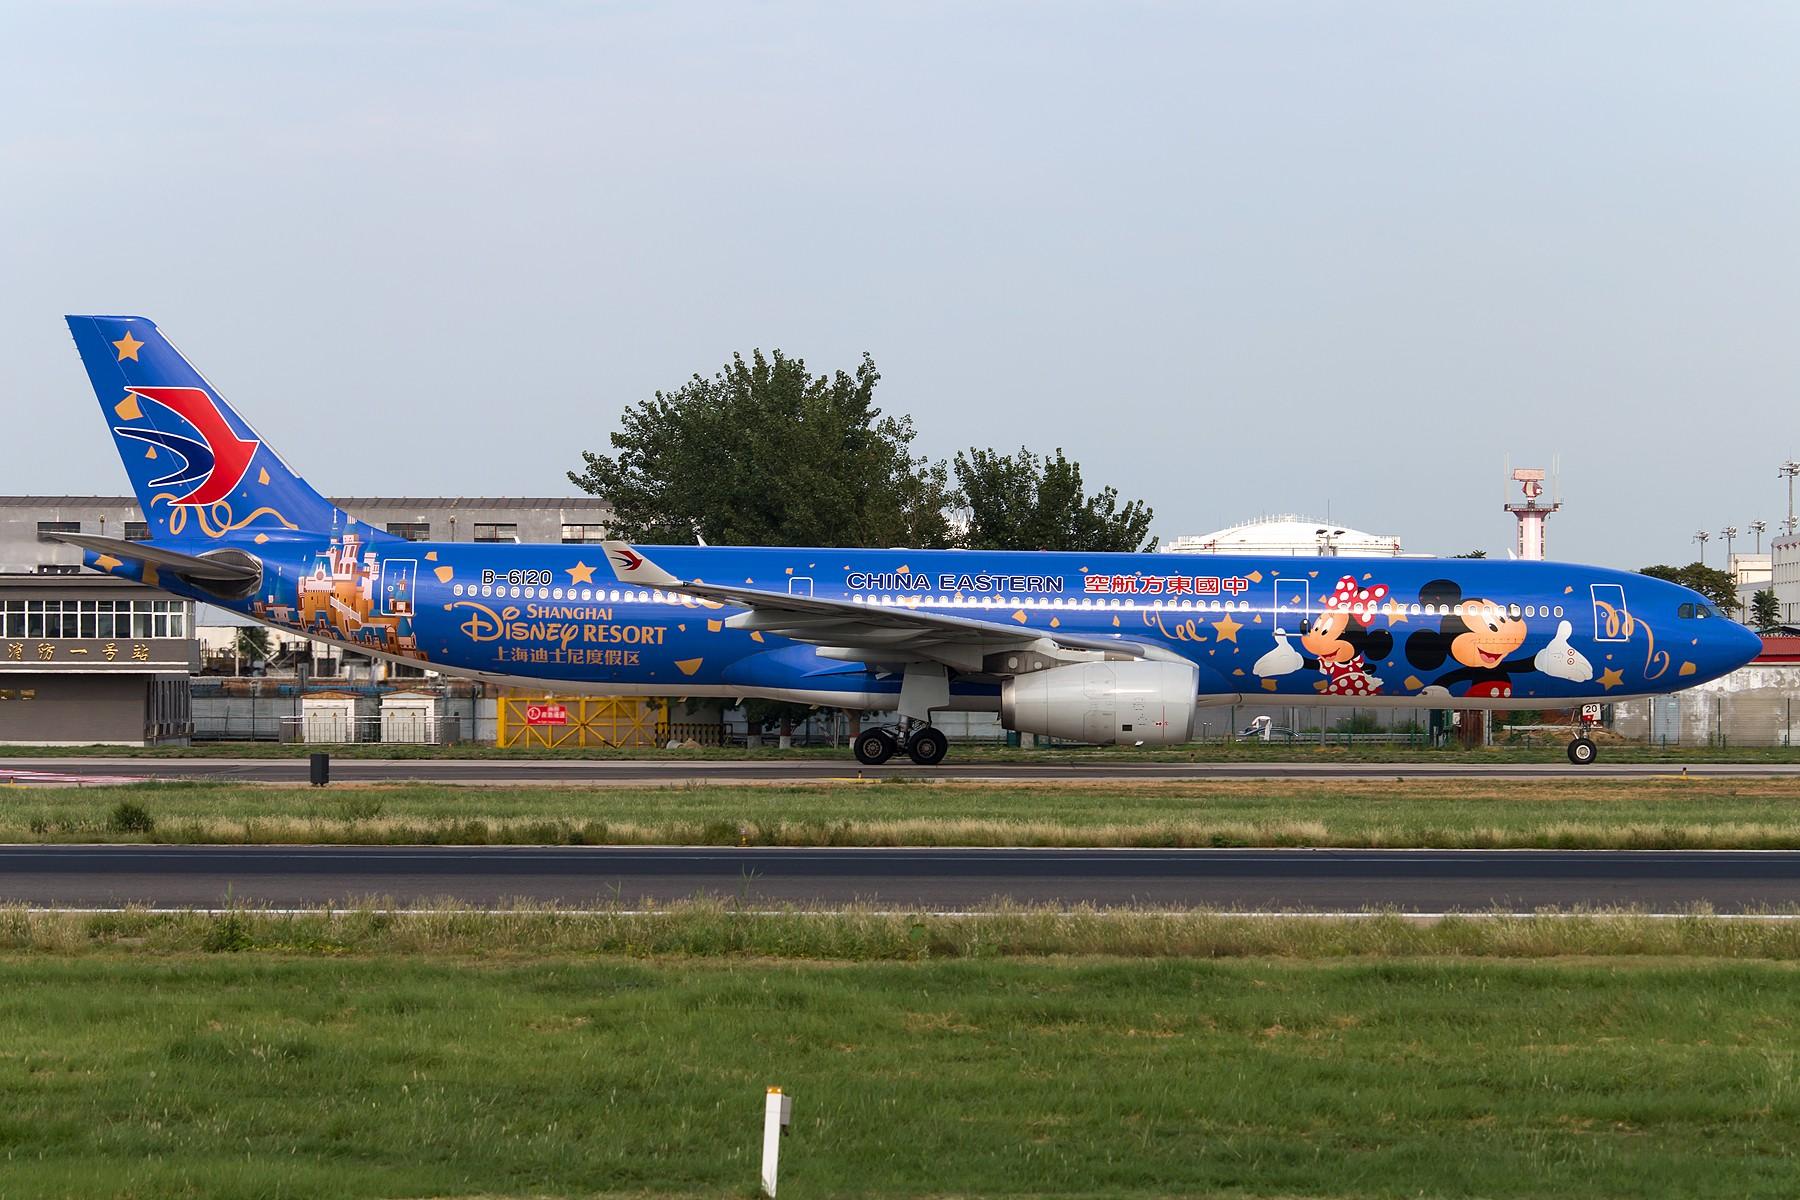 [一图党] B-6120 1800*1200 AIRBUS A330-300 B-6120 中国北京首都国际机场